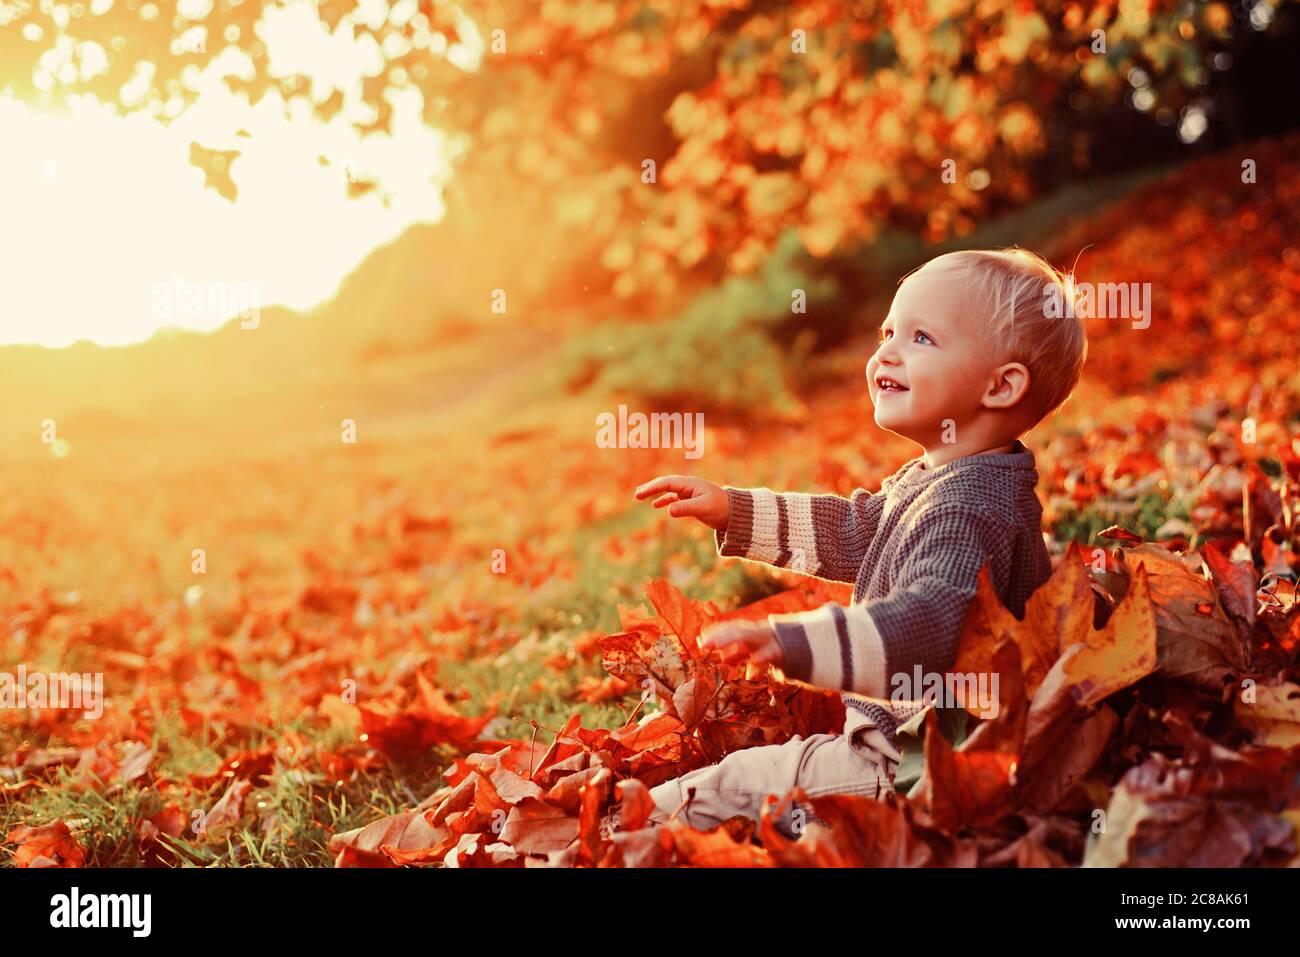 Ricordi d'infanzia. Bambino autunno lascia sfondo. Momenti caldi dell'autunno. Gli occhi blu del bambino godono l'autunno. Piccolo bambino elegante al sole Foto Stock